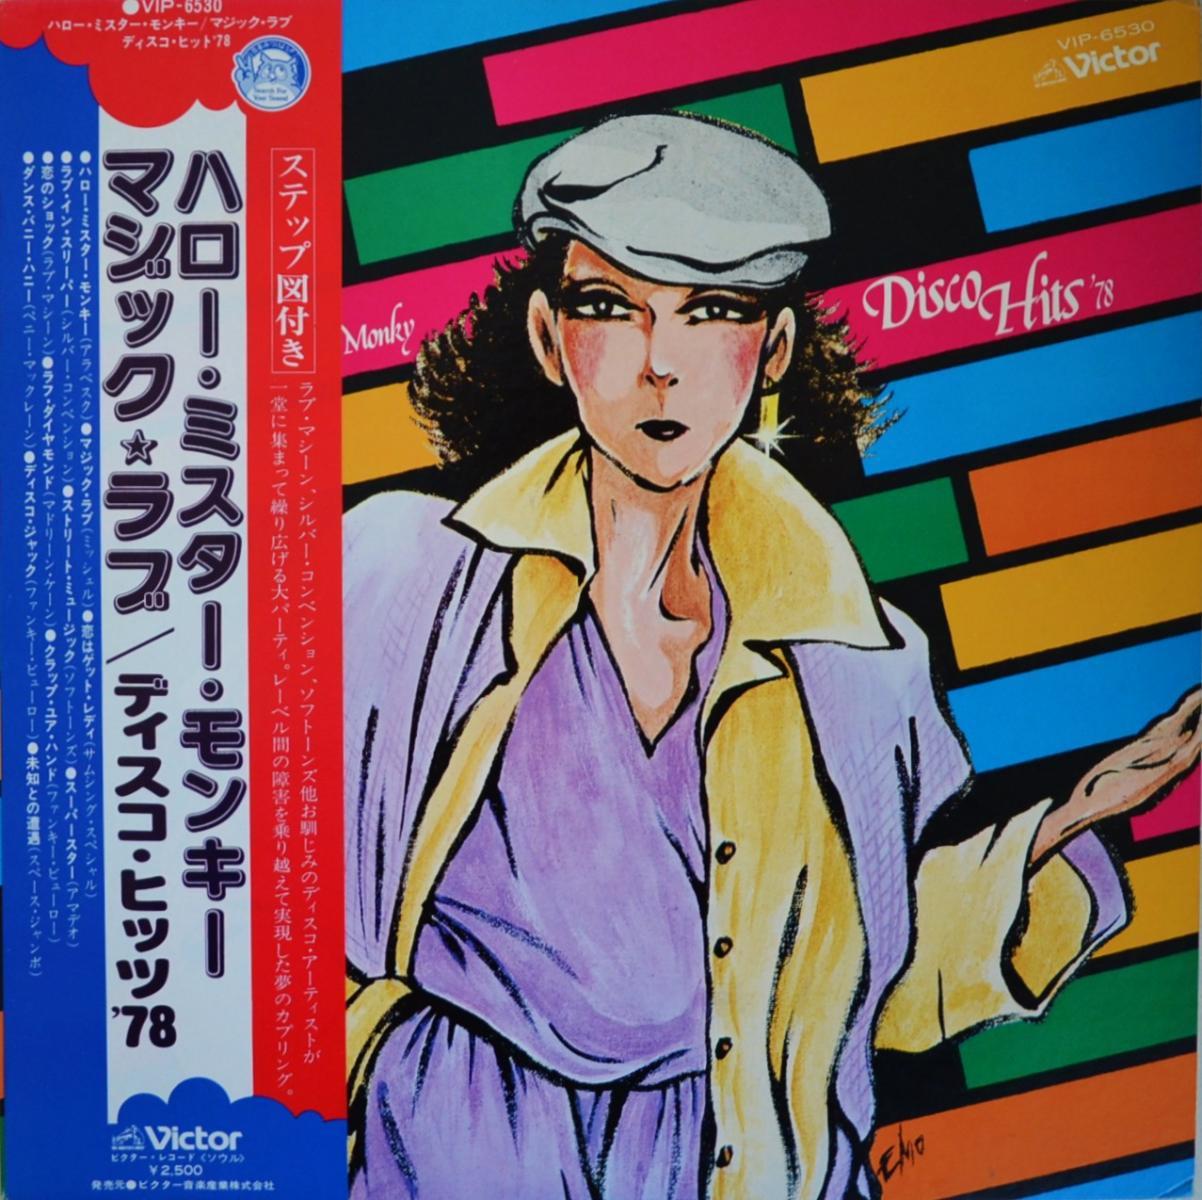 ハロー・ミスター・モンキー (ファンキー・ビューロー)  / ディスコ・ヒッツ '78  (LP)